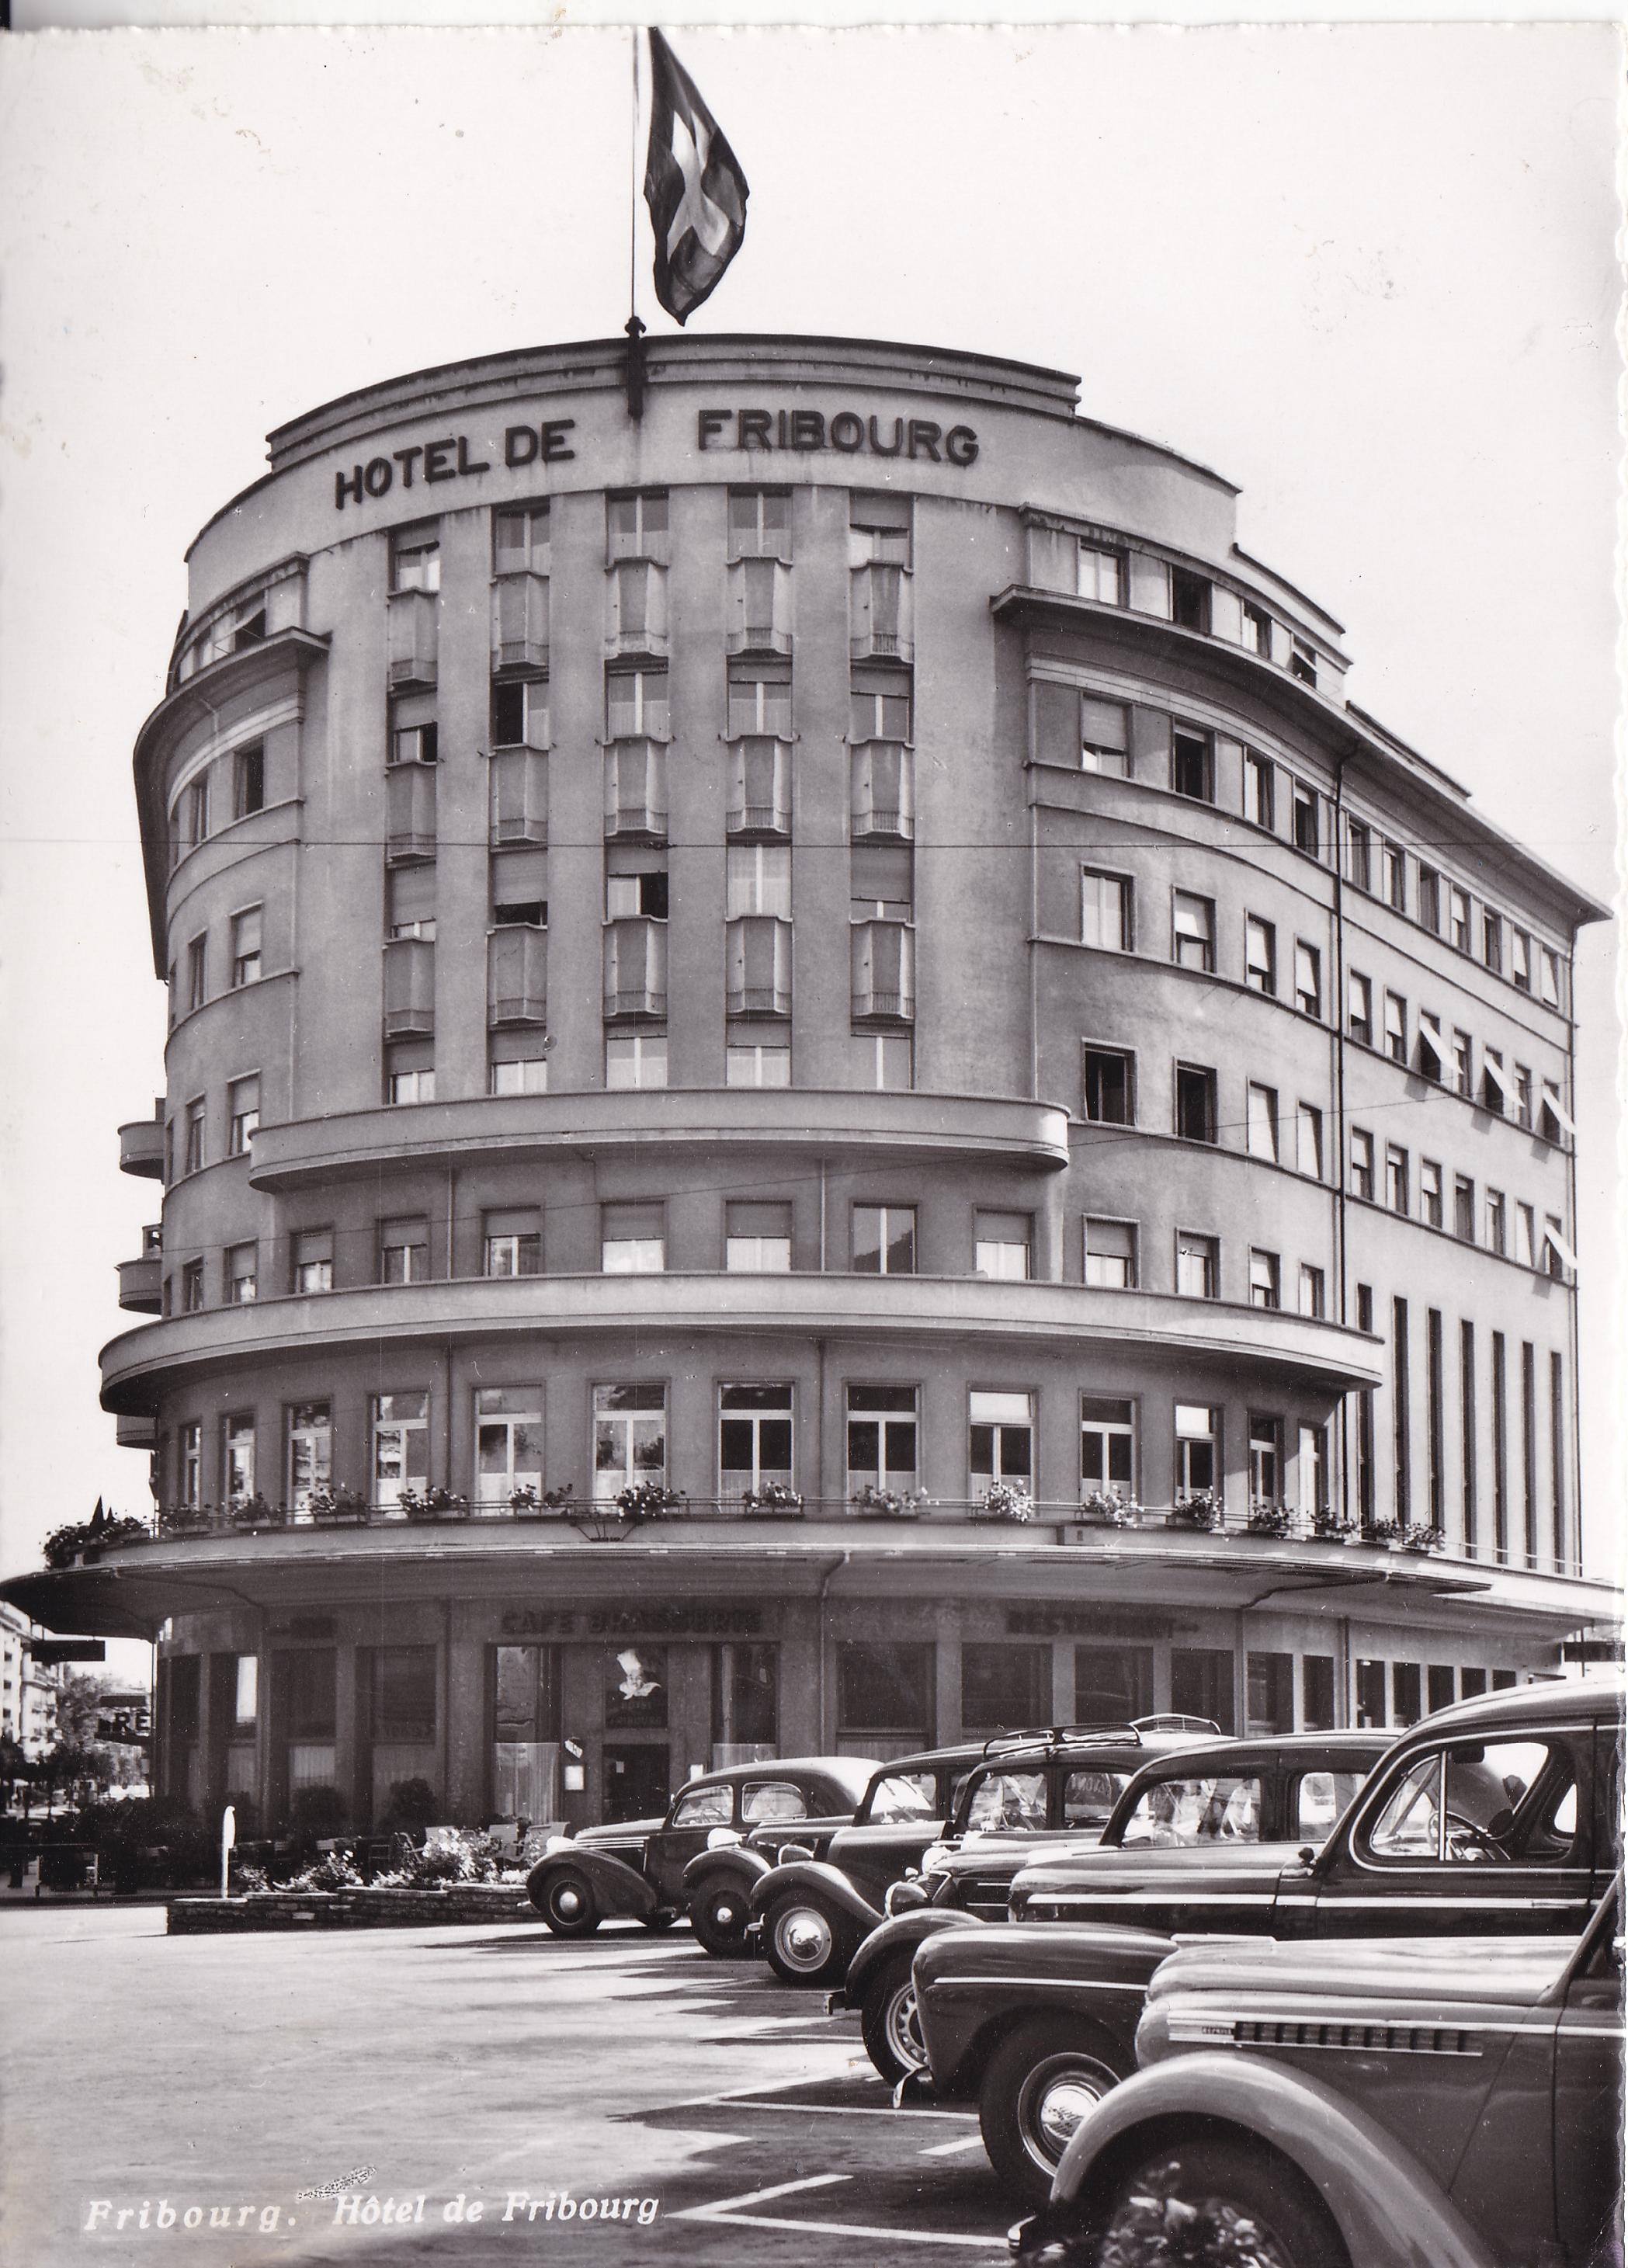 Fribourg Hôtel de Fribourg